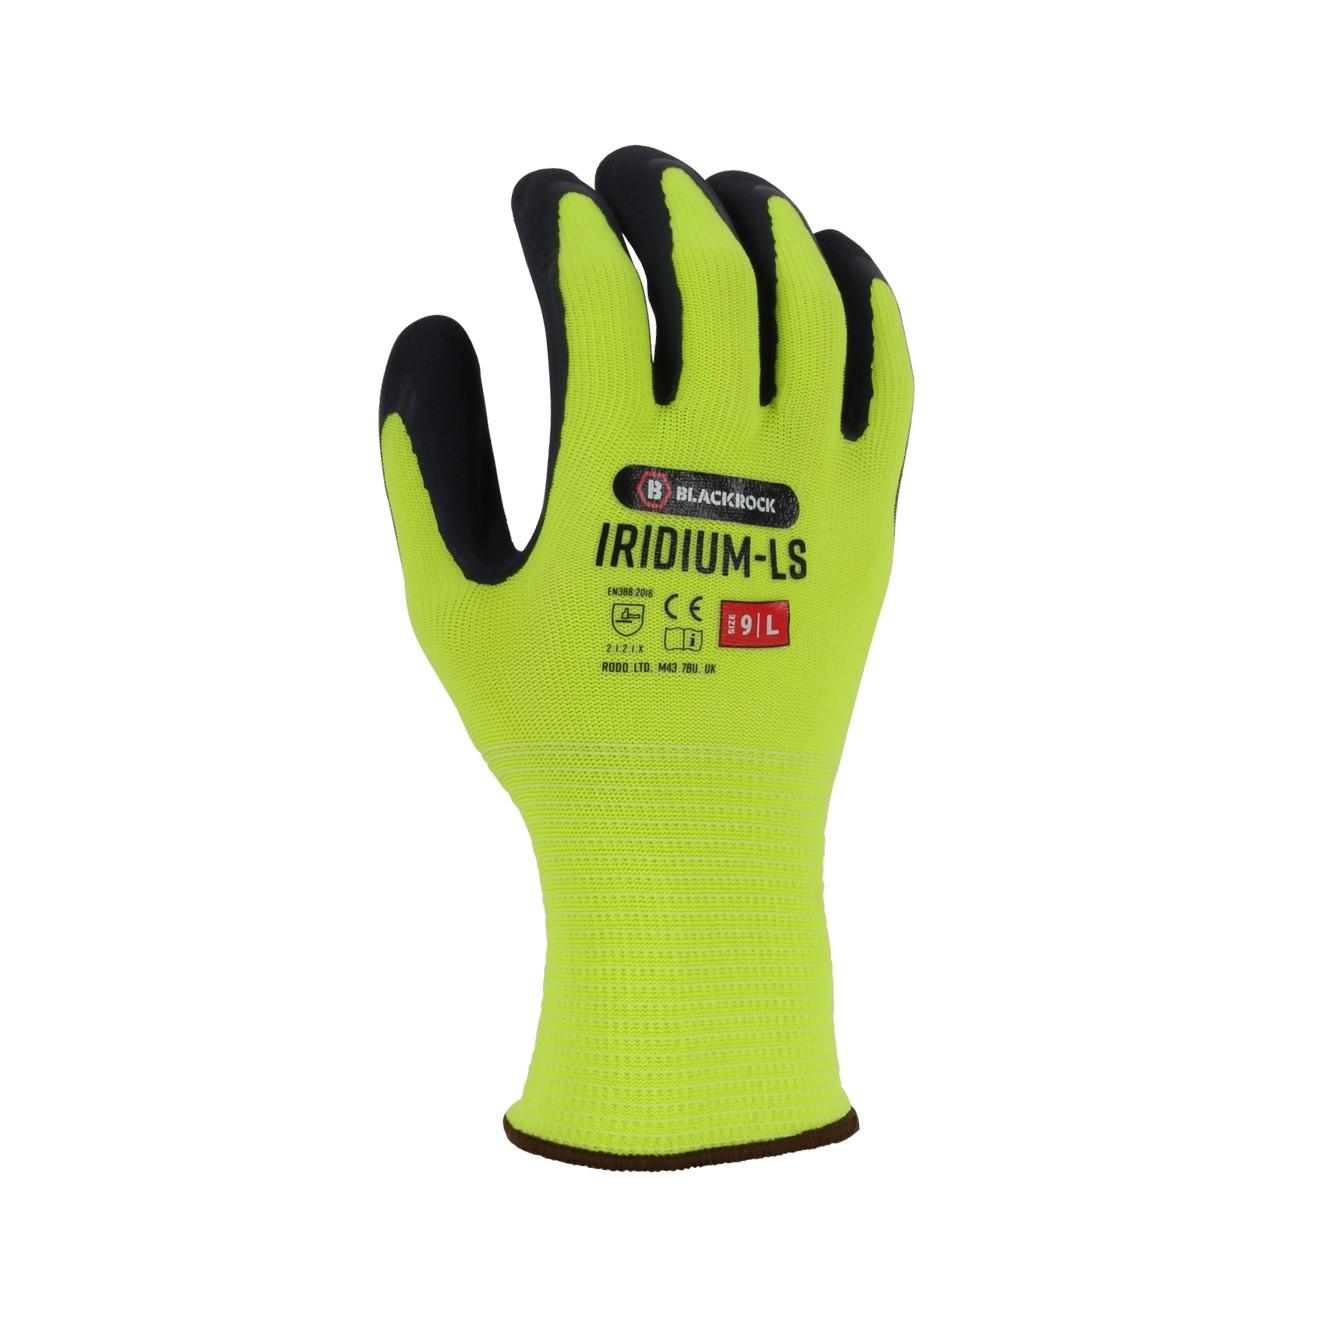 Iridium-LS Work Glove